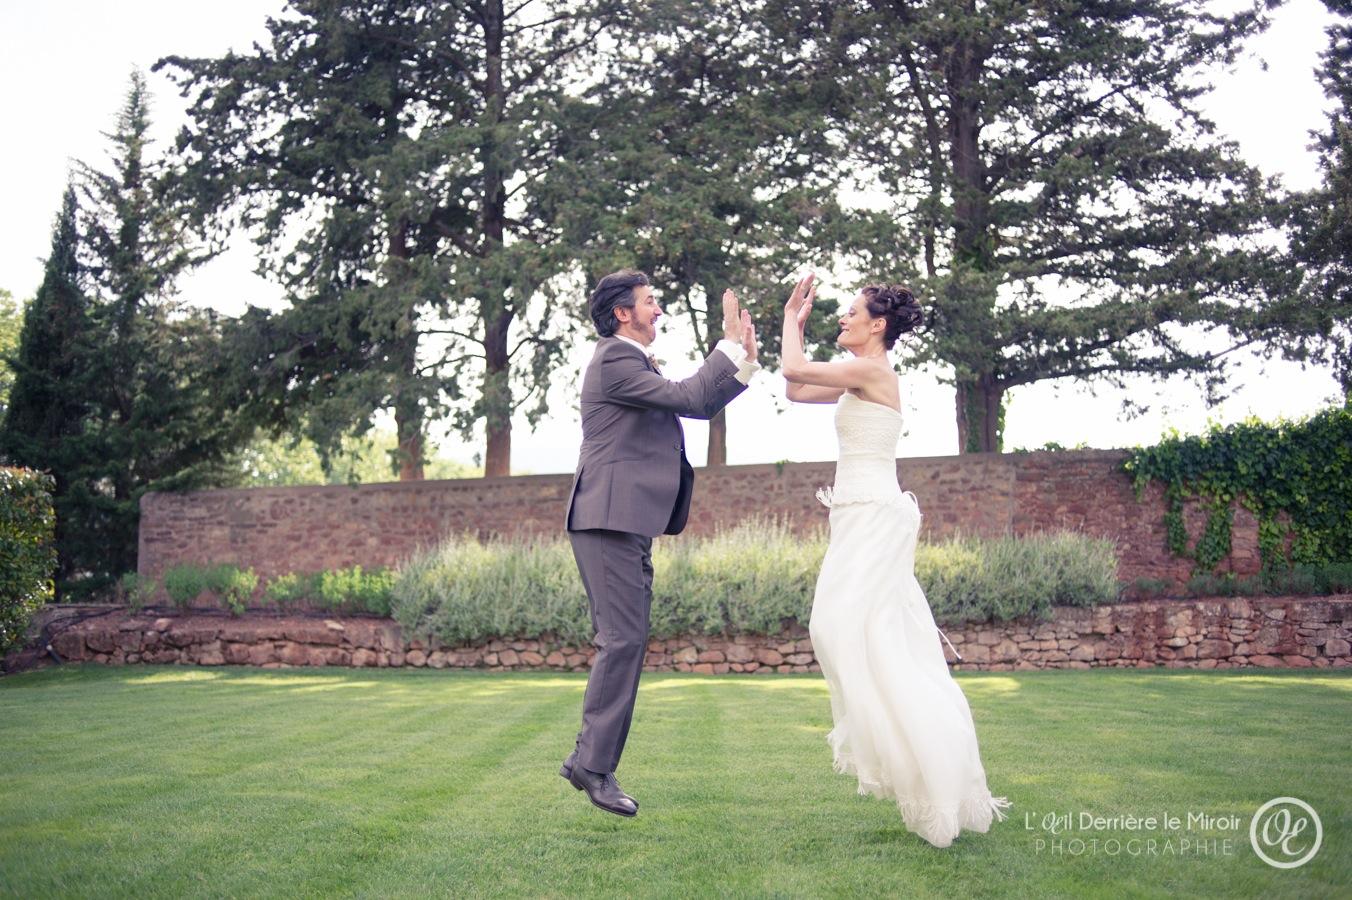 Photographe mariage Var L'OEil Derrière le Miroir